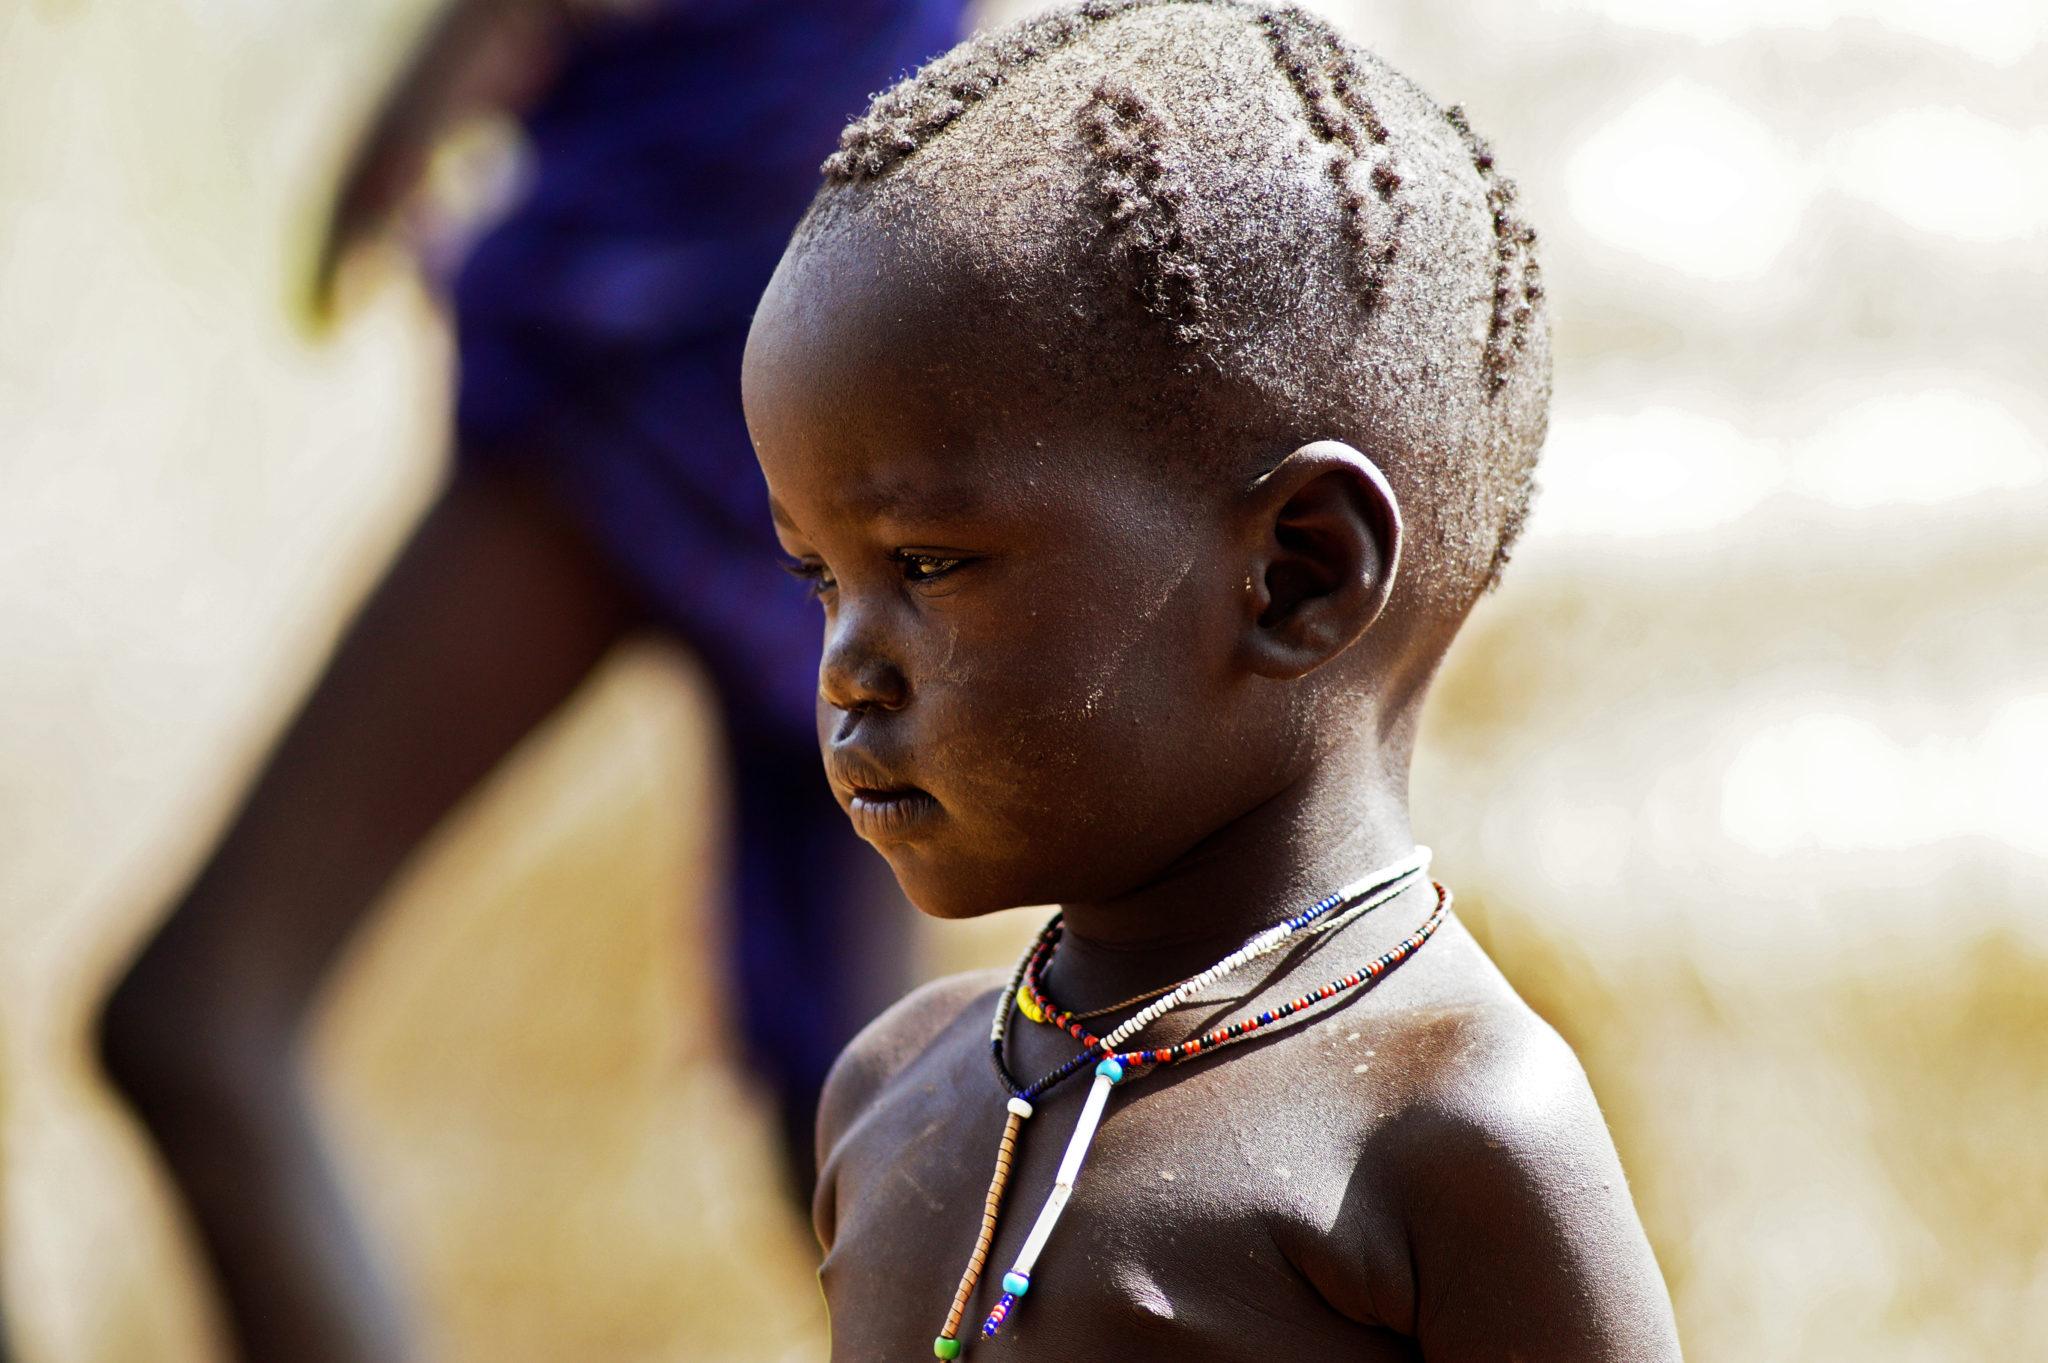 mursi-volk-aethiopien-kinder-junge